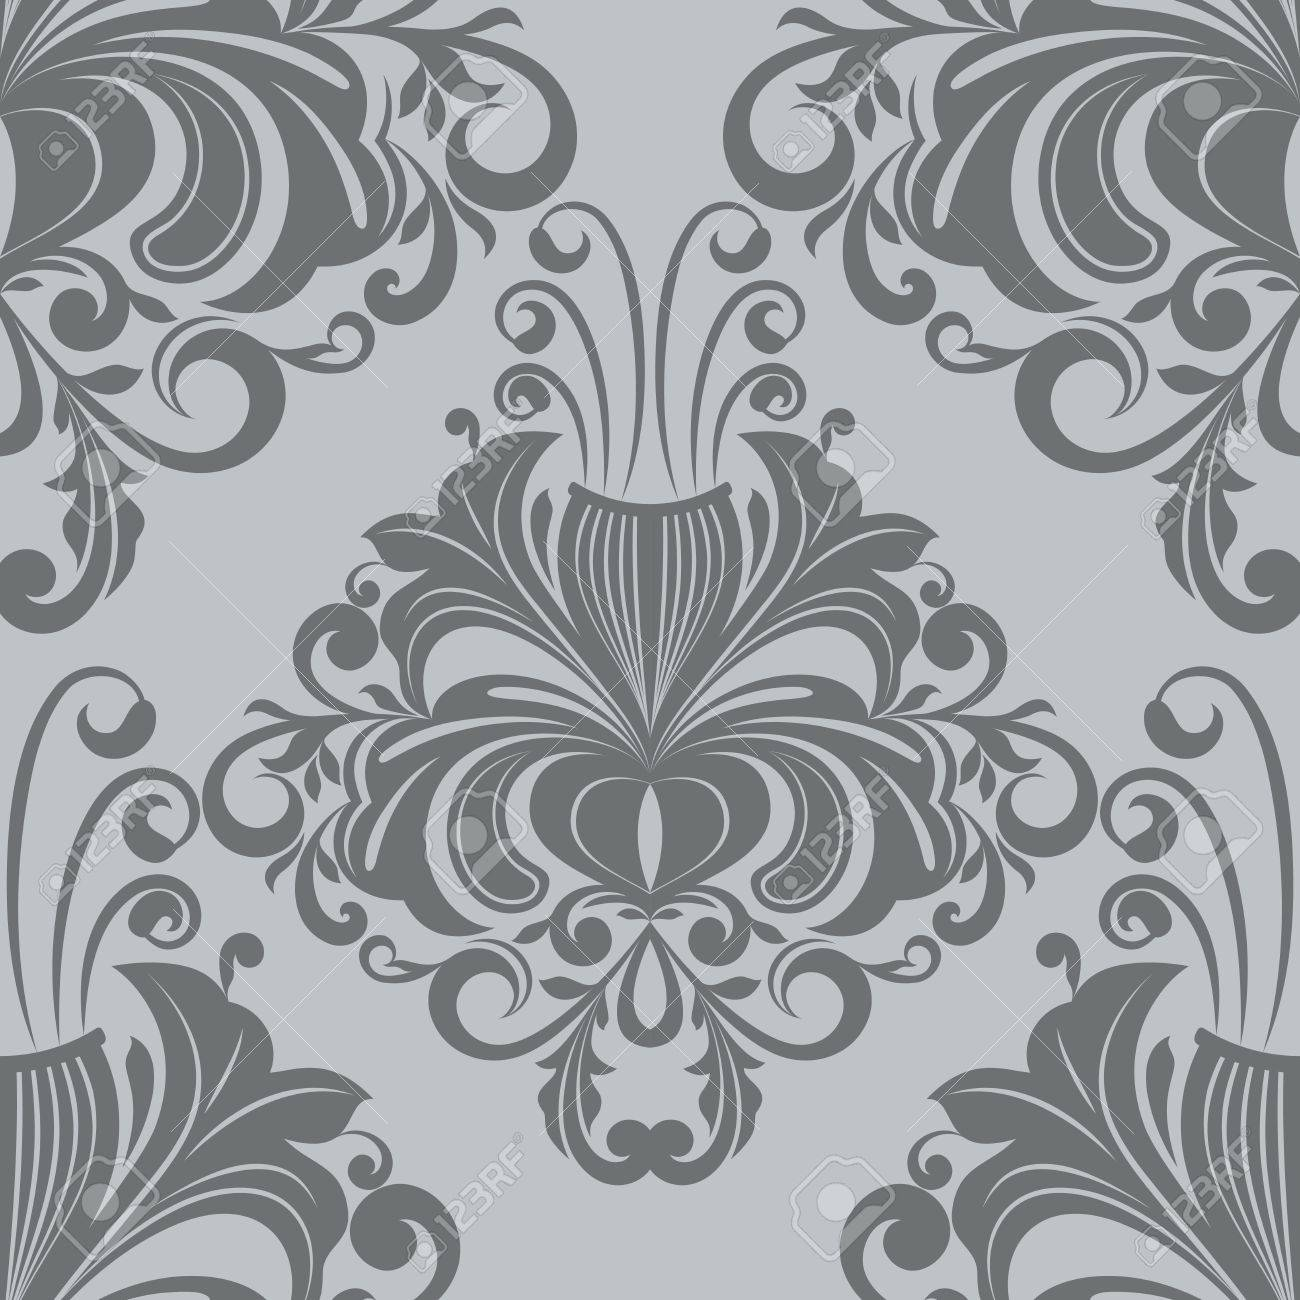 Papier Peint Fleuri Vintage #13: Motif De Papier Peint Fleuri Vintage Gris De Vecteur Banque Du0027images -  21025872